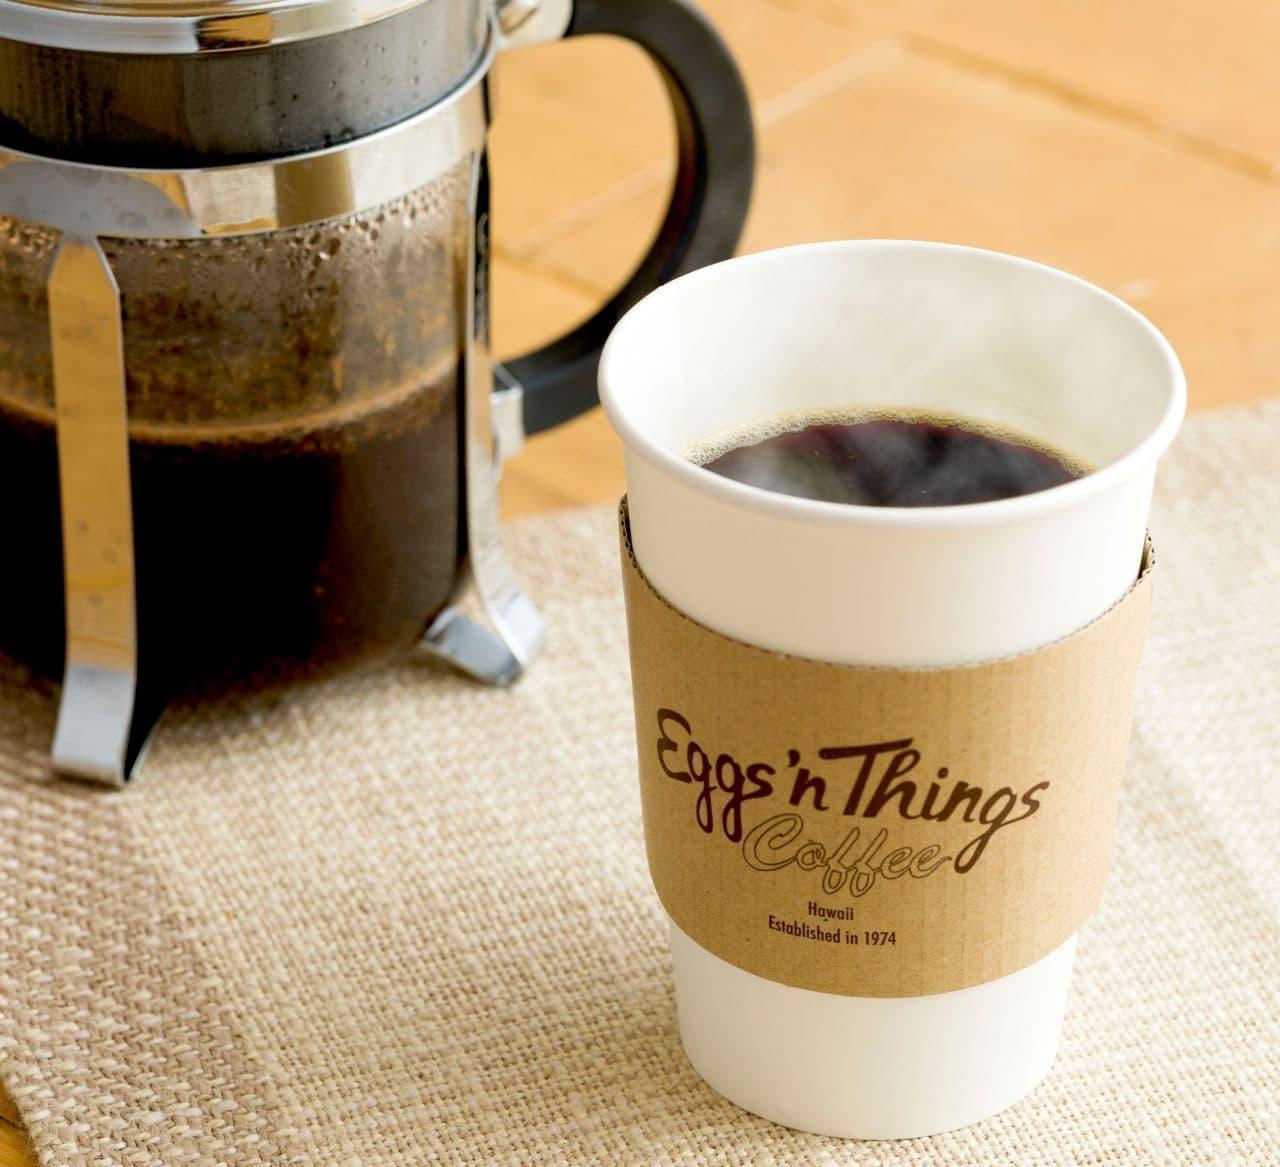 エッグスンシングス「100%コナコーヒー」